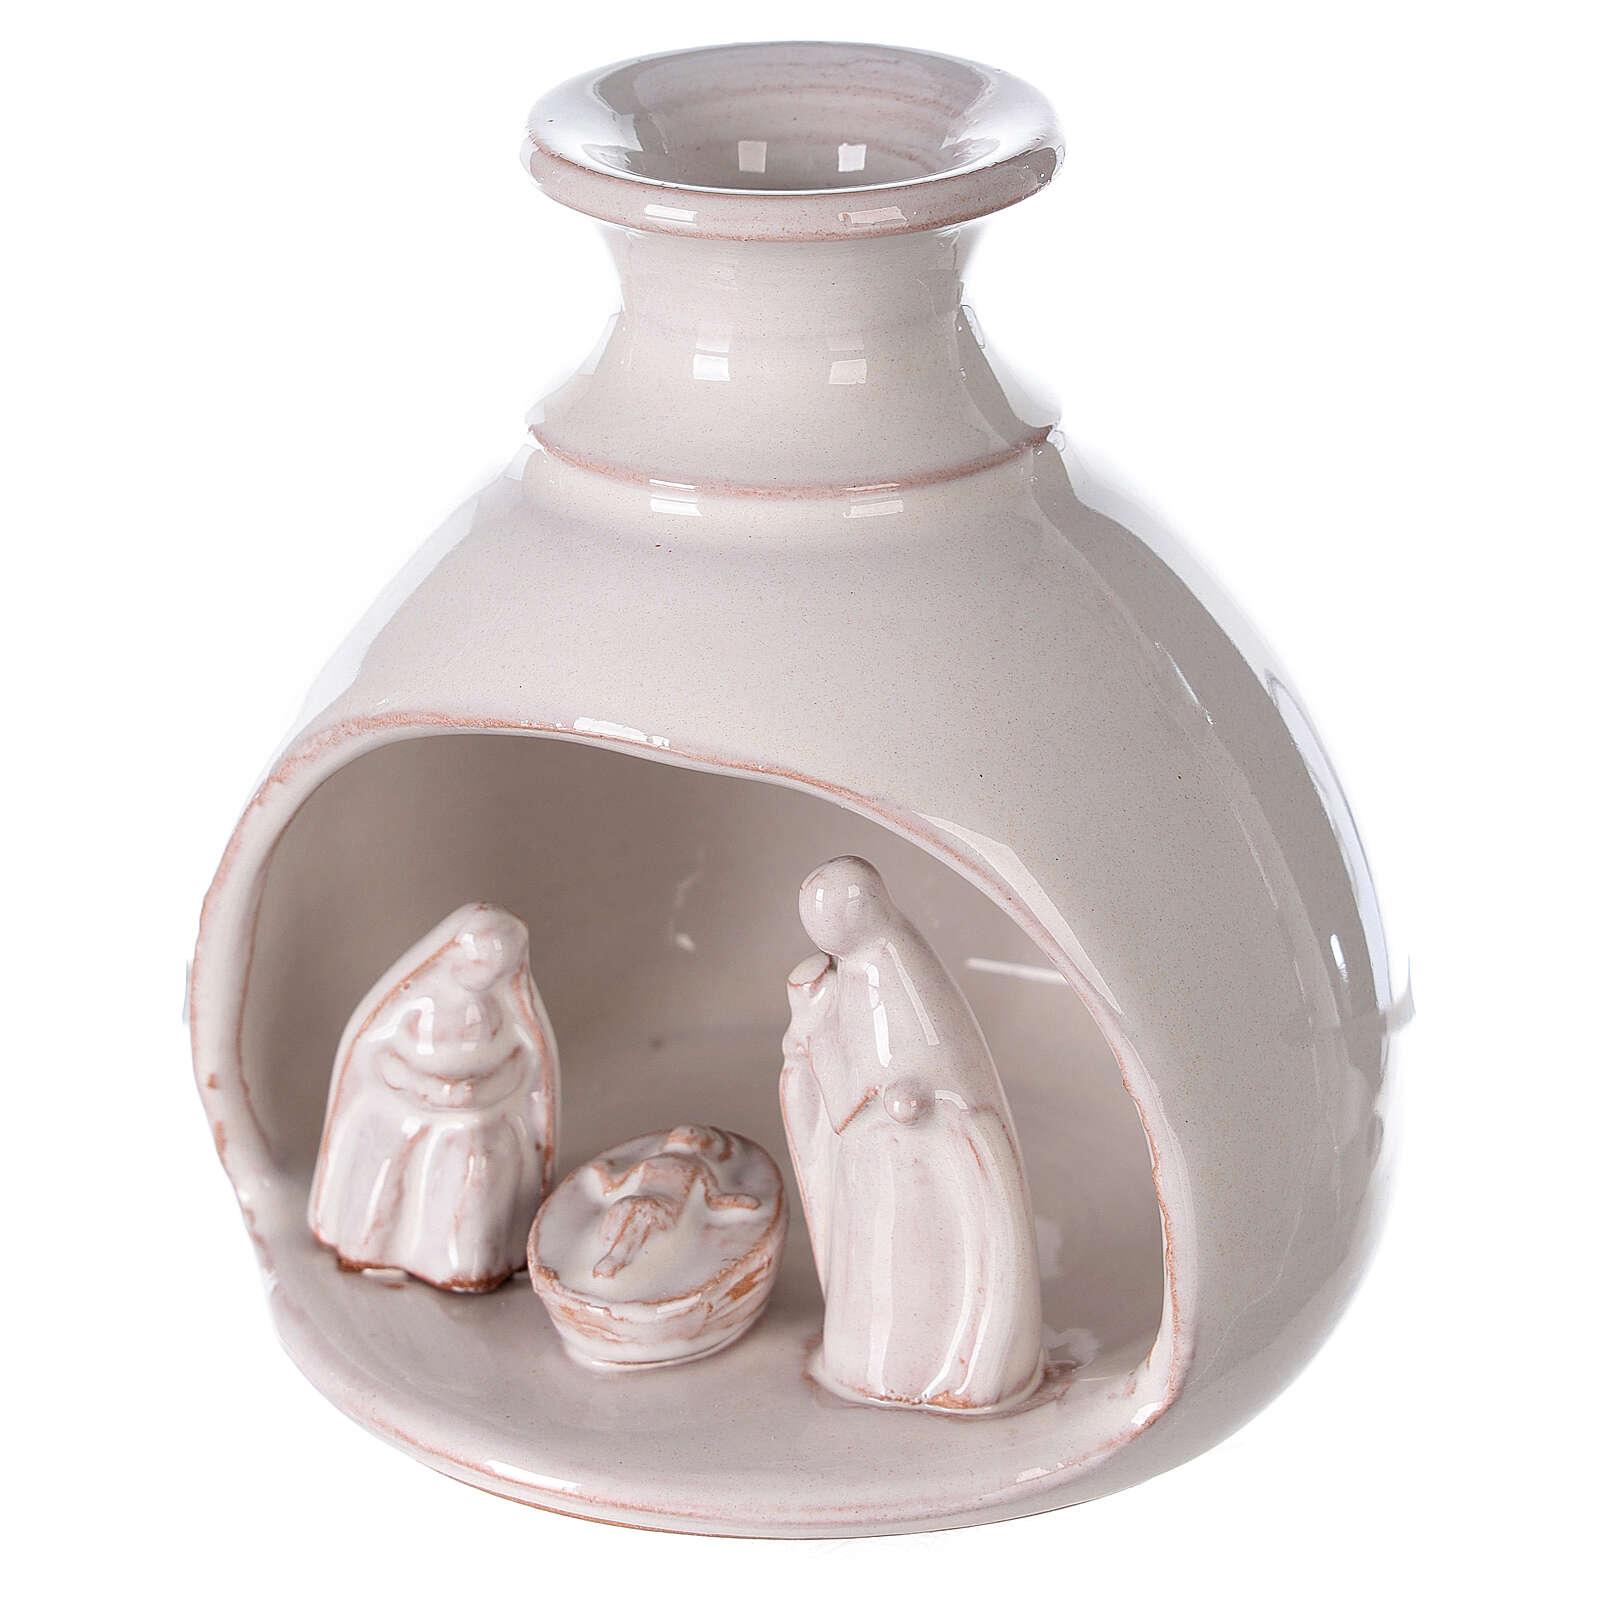 Mini white Deruta terracotta vase Nativity scene 10 cm 4